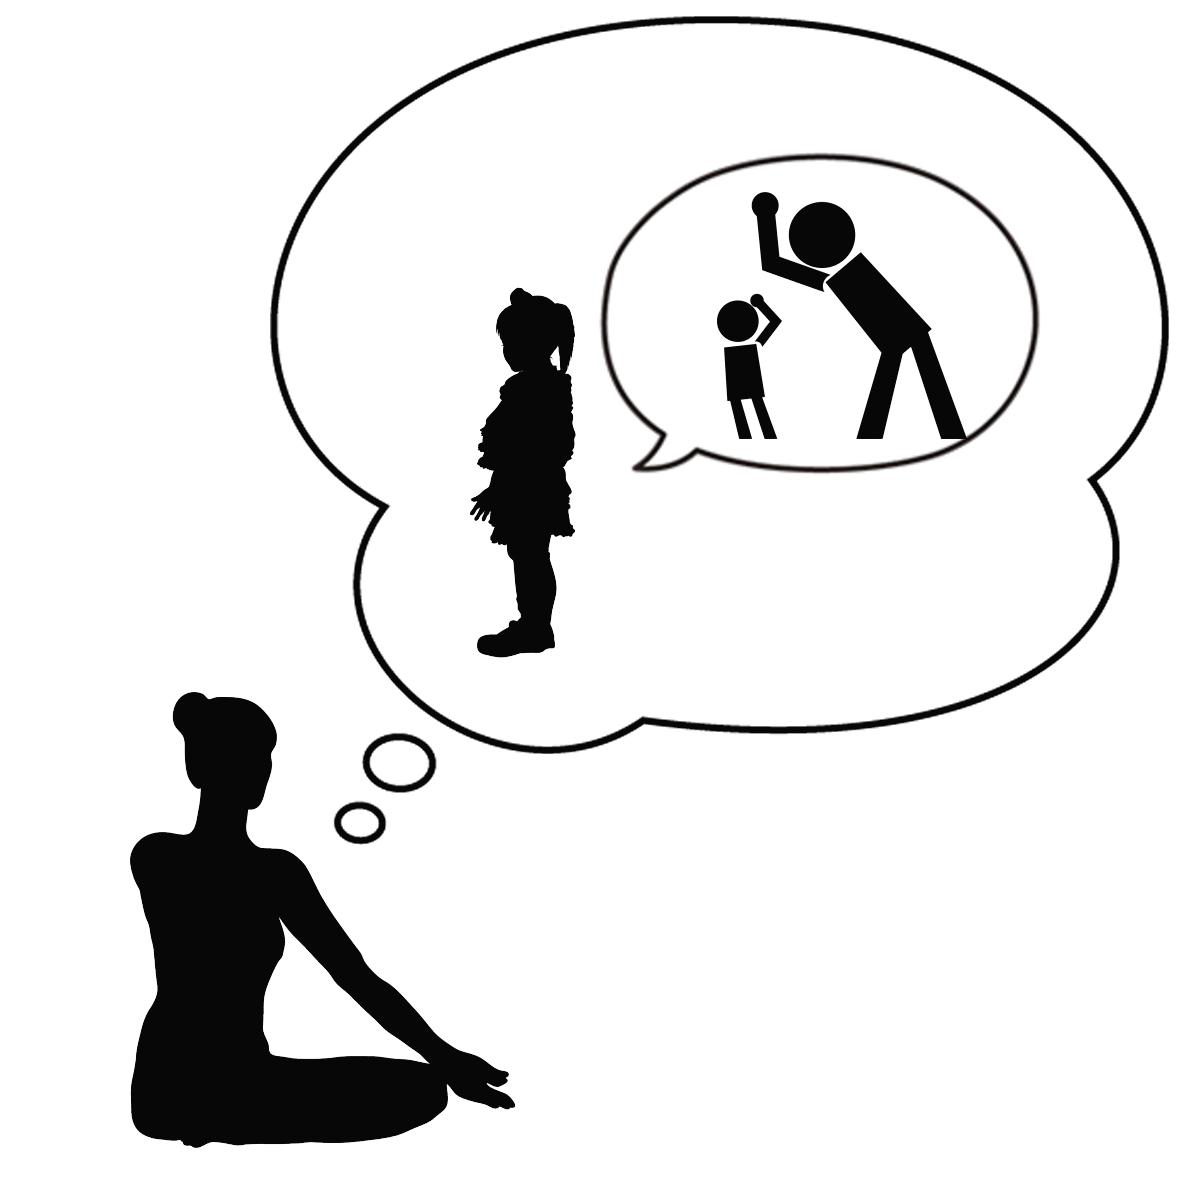 子供時代のトラウマをインナーチャイルドセラピーで癒すことでアダルトチルドレンの克服をしているイメージ